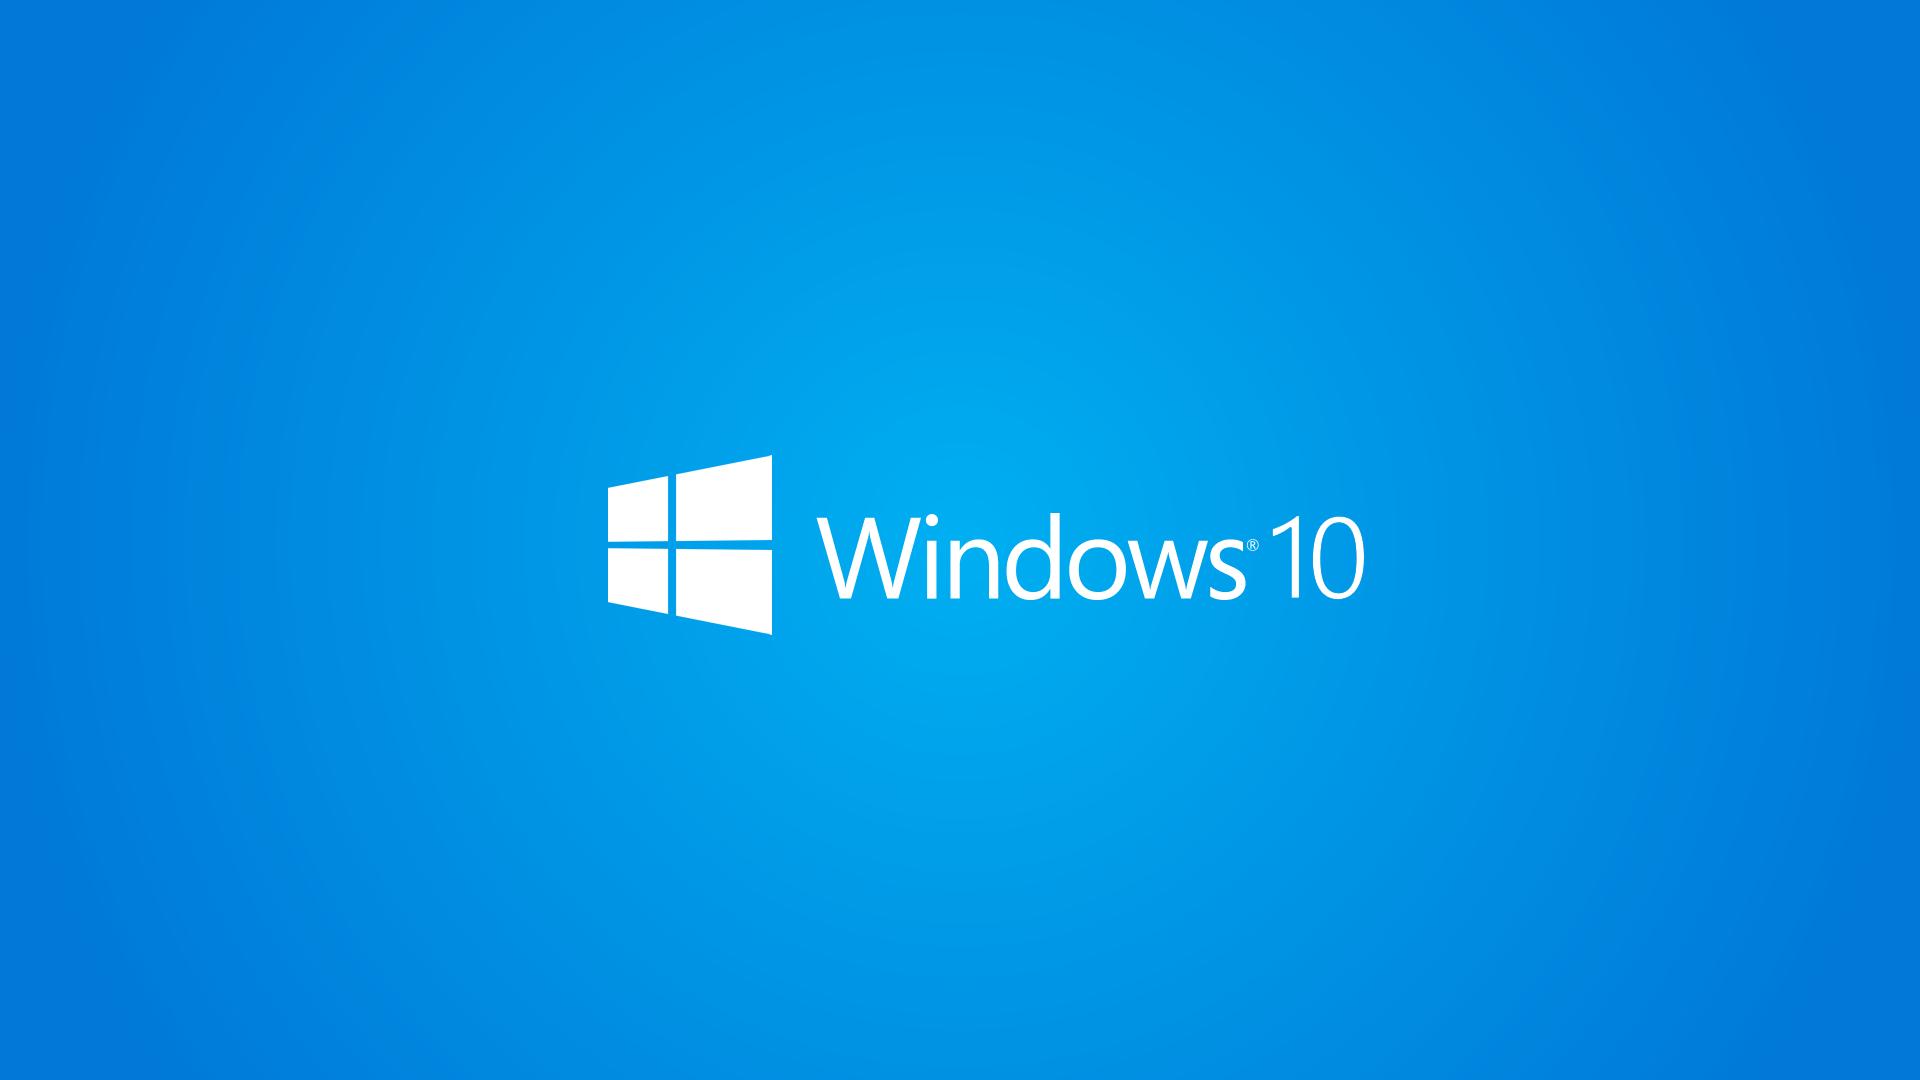 Windows 10 Wallpaper 1080p Full HD White Logo Blue